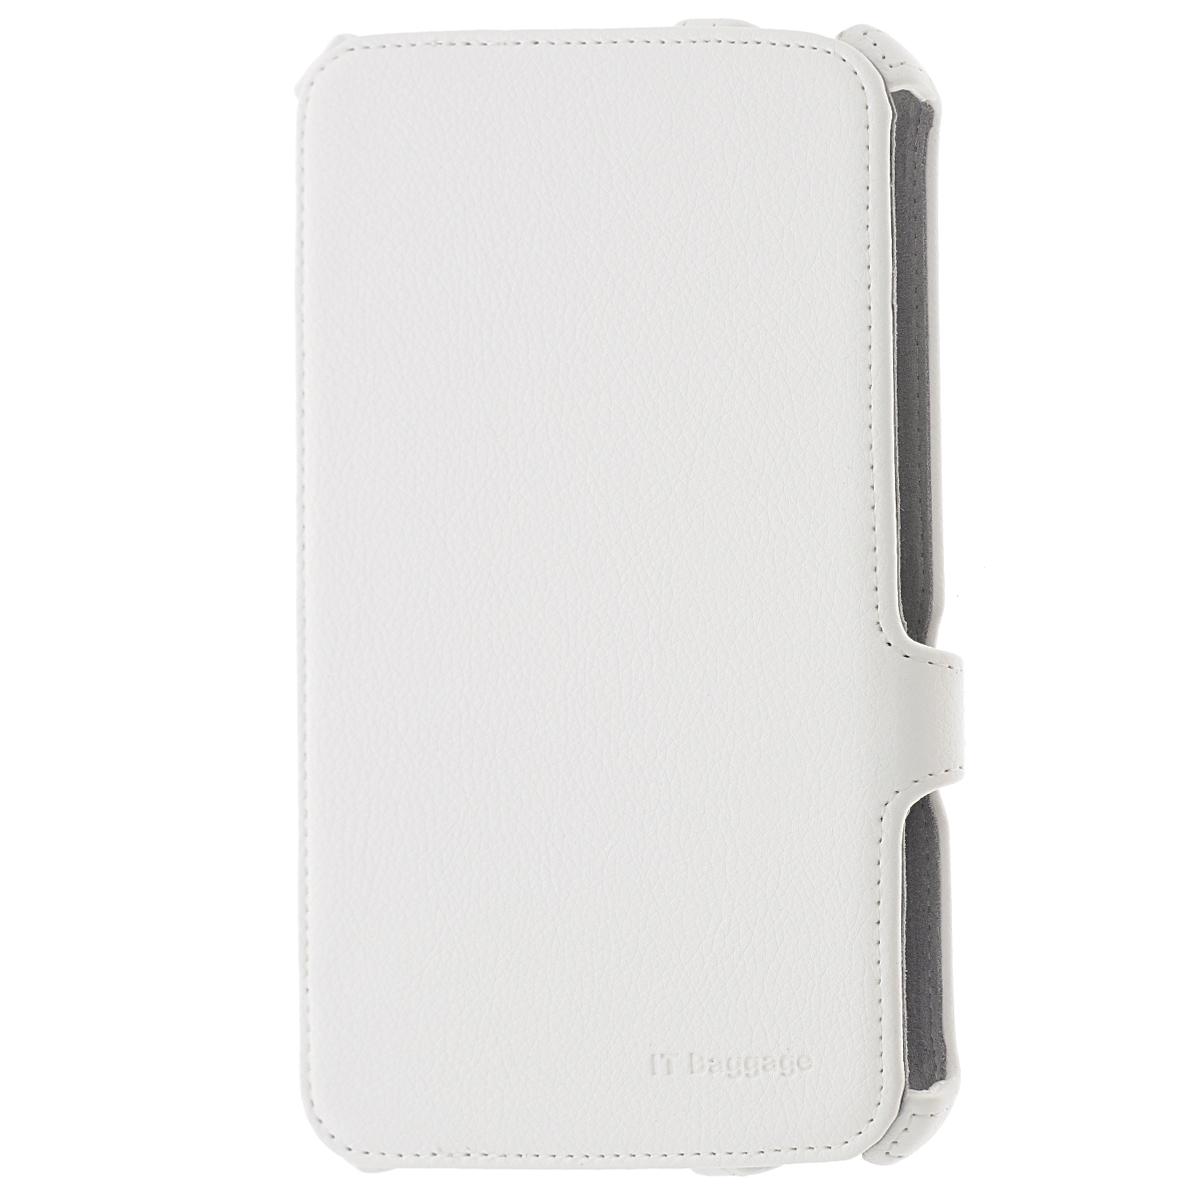 IT Baggage мультистенд чехол для Samsung Galaxy Tab 4 7.0, WhiteITSSGT7405-0IT Baggage мультистенд для Samsung Galaxy Tab 4 7.0 - удобный и надежный чехол для планшета Samsung Galaxy Tab 4 7.0, который надежно защищает ваше устройство от внешних воздействий, грязи, пыли, брызг. Также чехол поможет при ударах и падениях, смягчая их, и не позволяя образовываться на корпусе царапинам, потертостям. Кроме того, он будет незаменим при длительной транспортировке устройства.